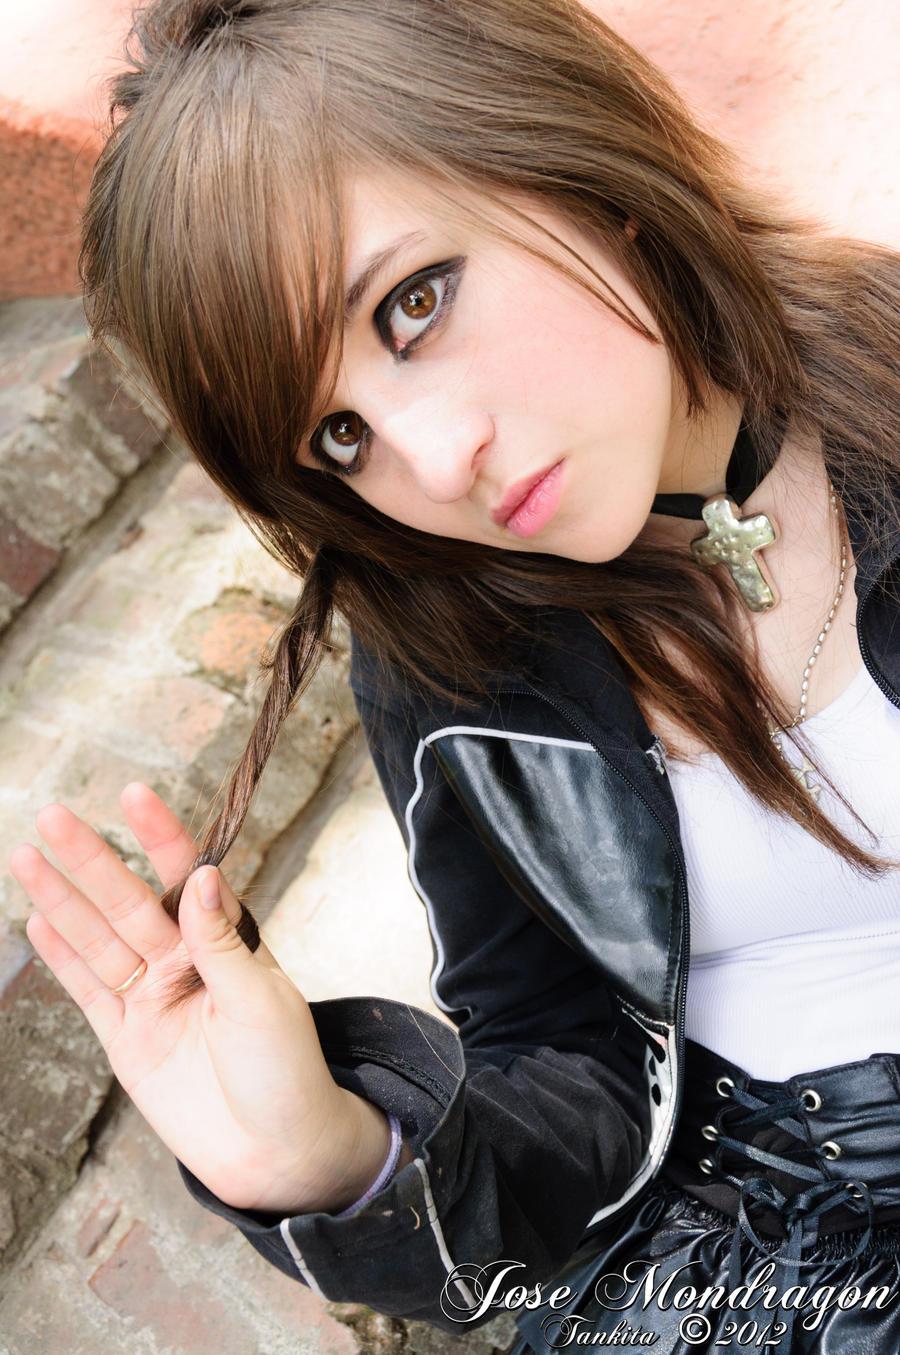 sanchanclau's Profile Picture